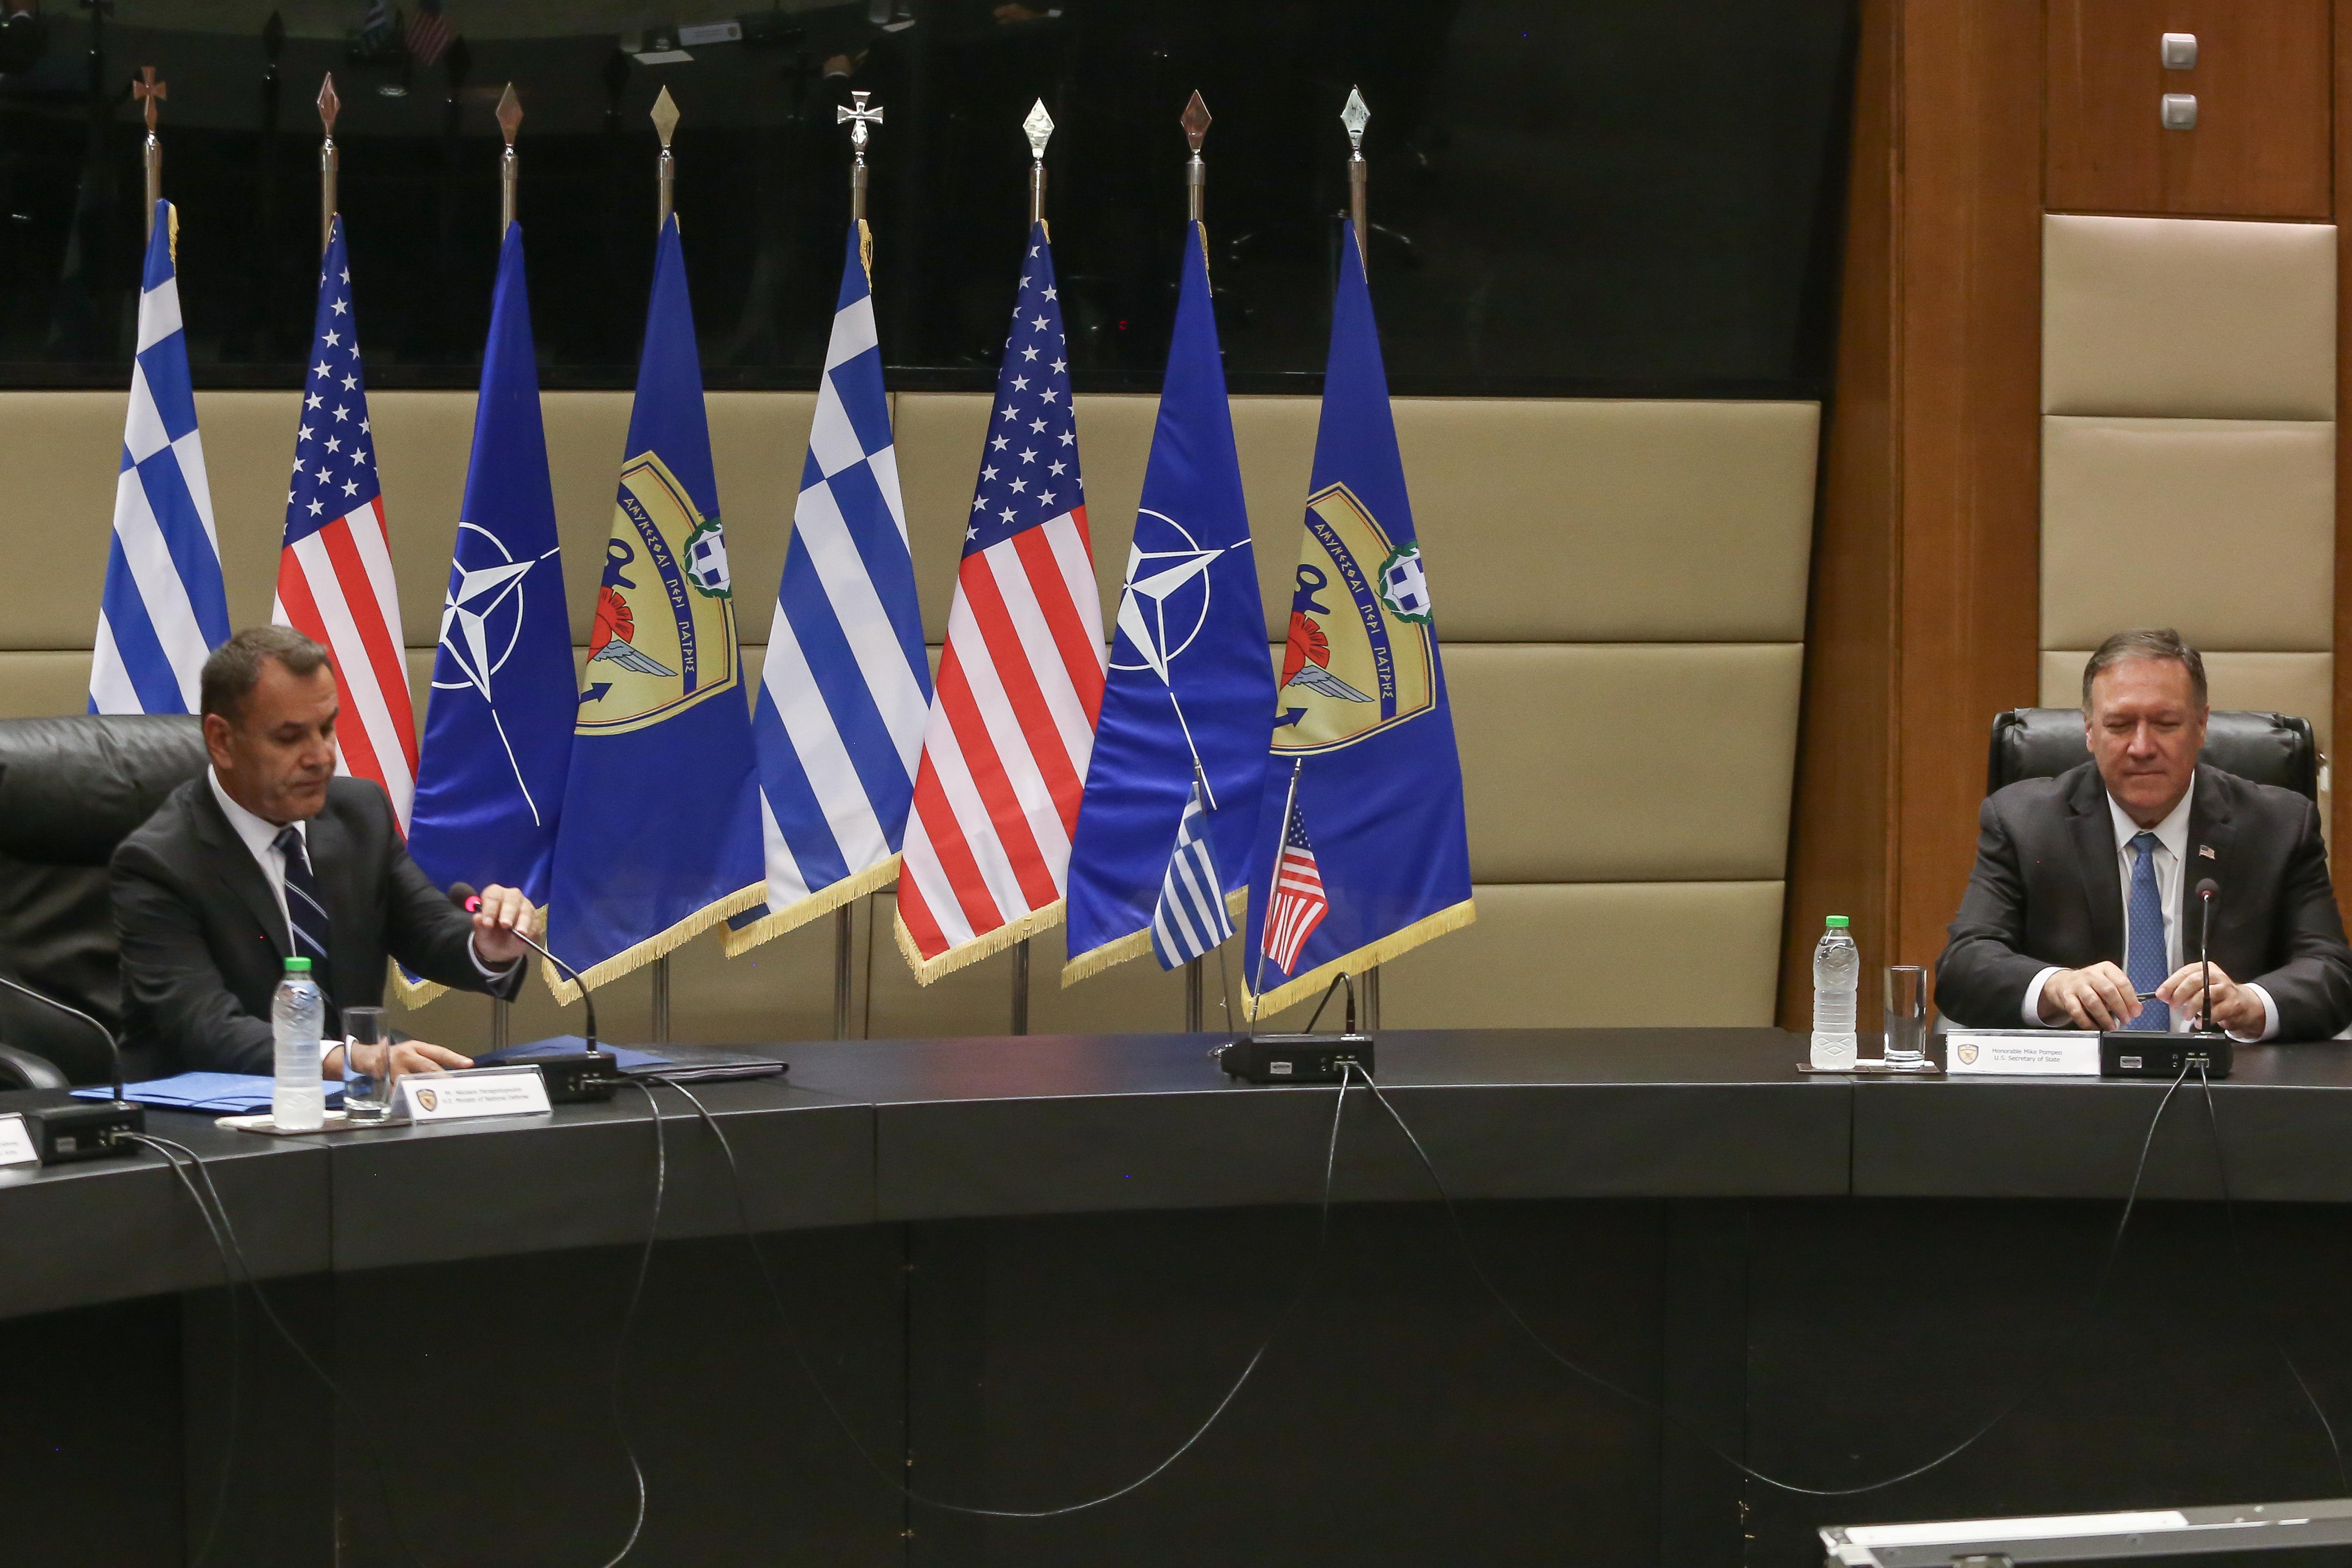 Συνάντηση του ΥΕΘΑ Νίκου Παναγιωτόπουλου με τον Υπουργό Εξωτερικών των ΗΠΑ, Μάικ Πομπέο